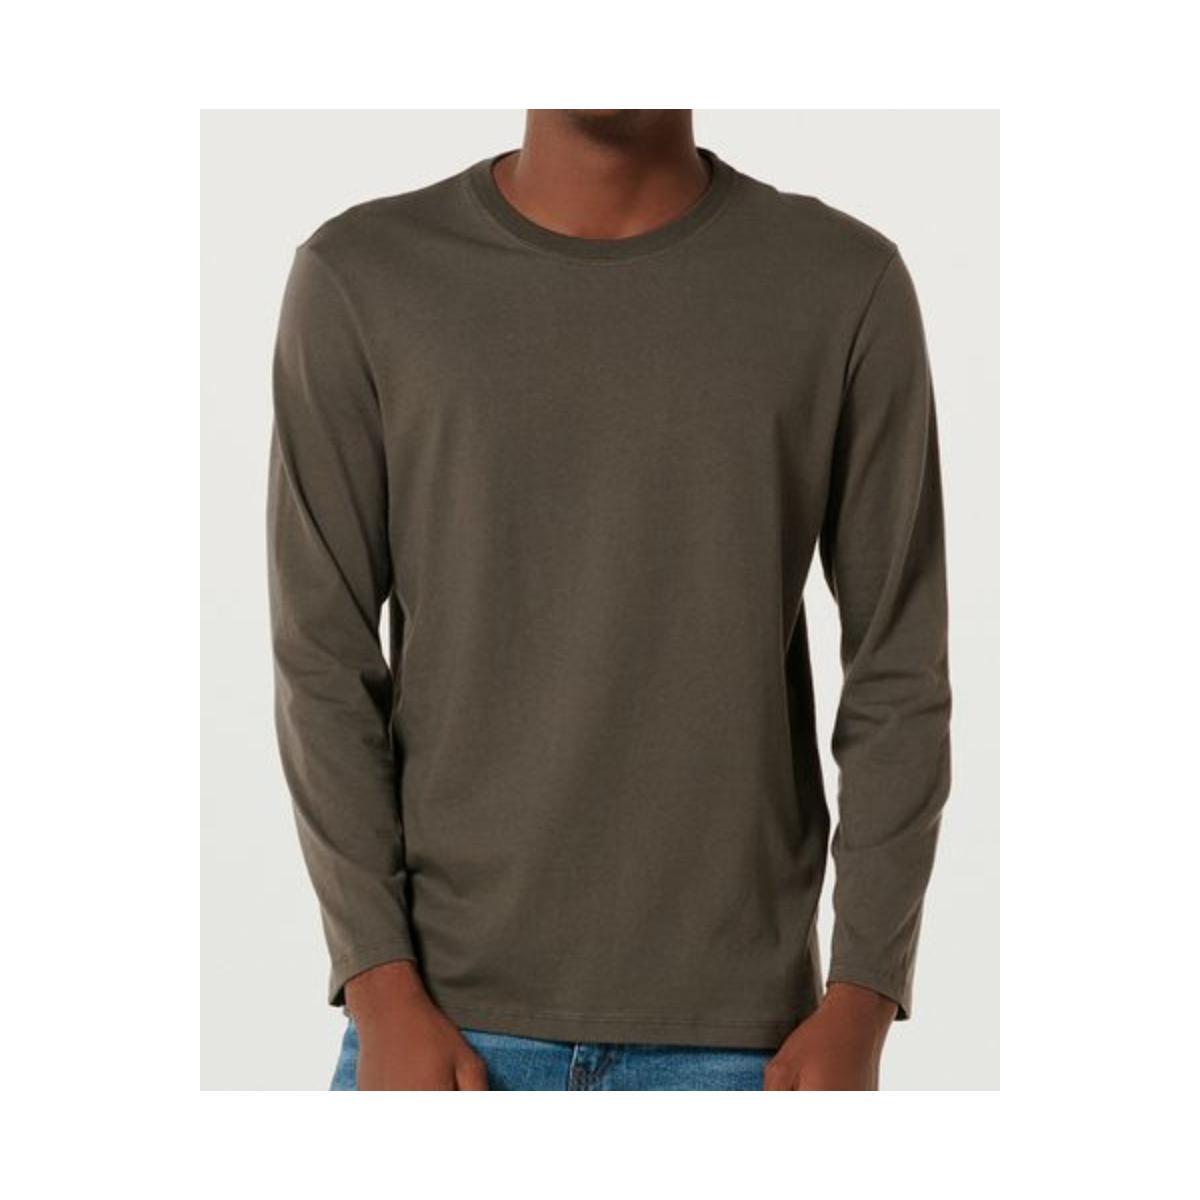 Camiseta Masculina Hering 026x Naten Verde Musgo